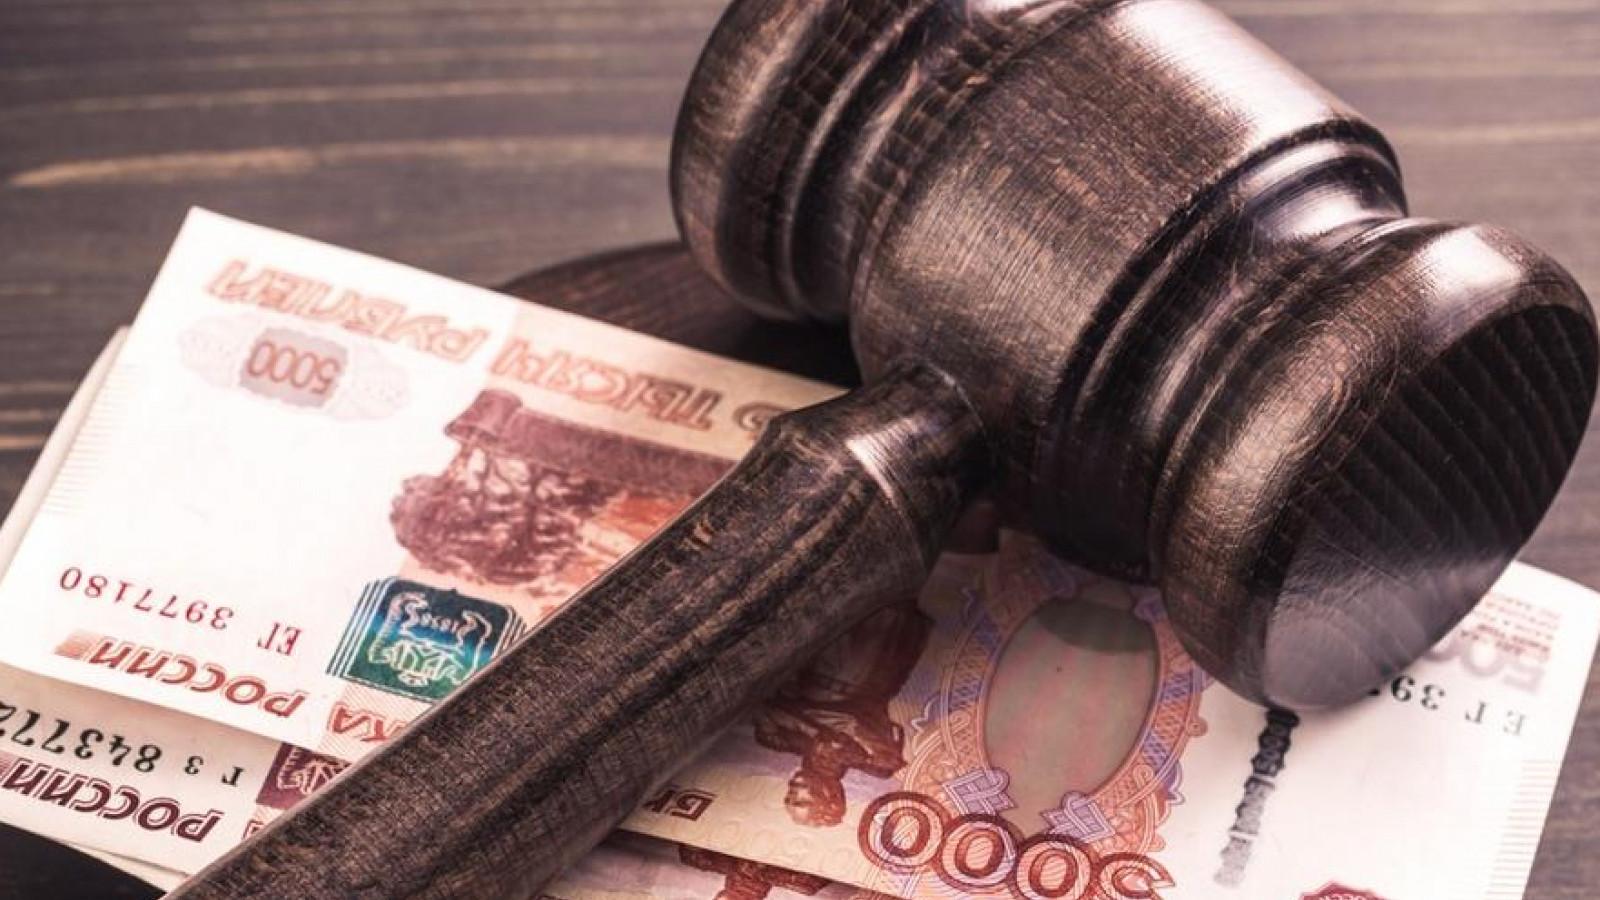 УФАС Подмосковья оштрафовало ООО «Высота» на 100 тыс. за участие в картельном сговоре